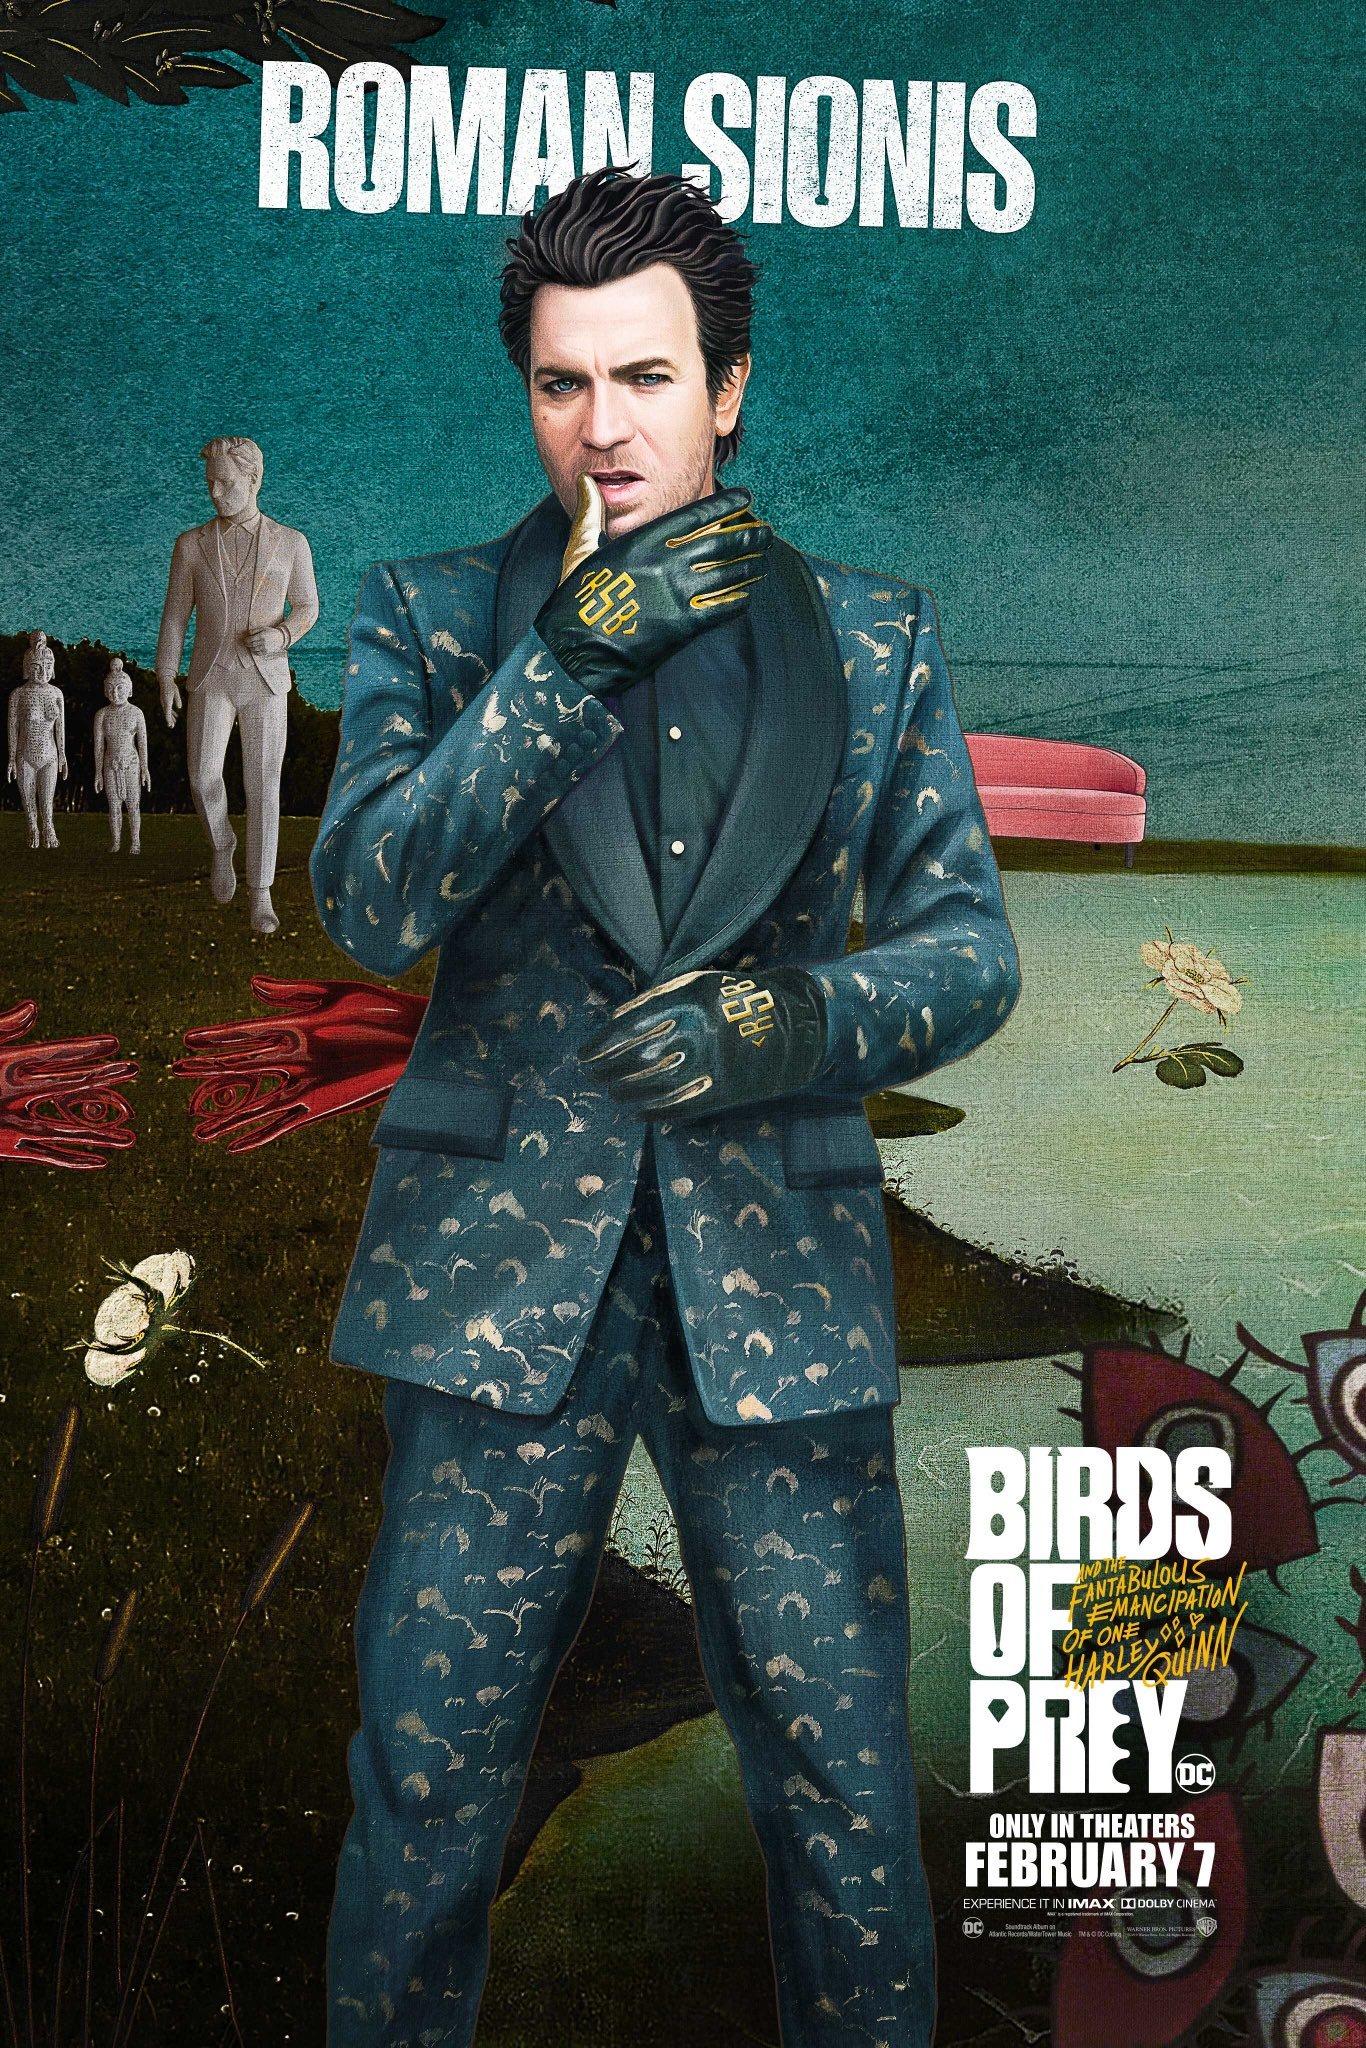 birds_of_prey_p8.png